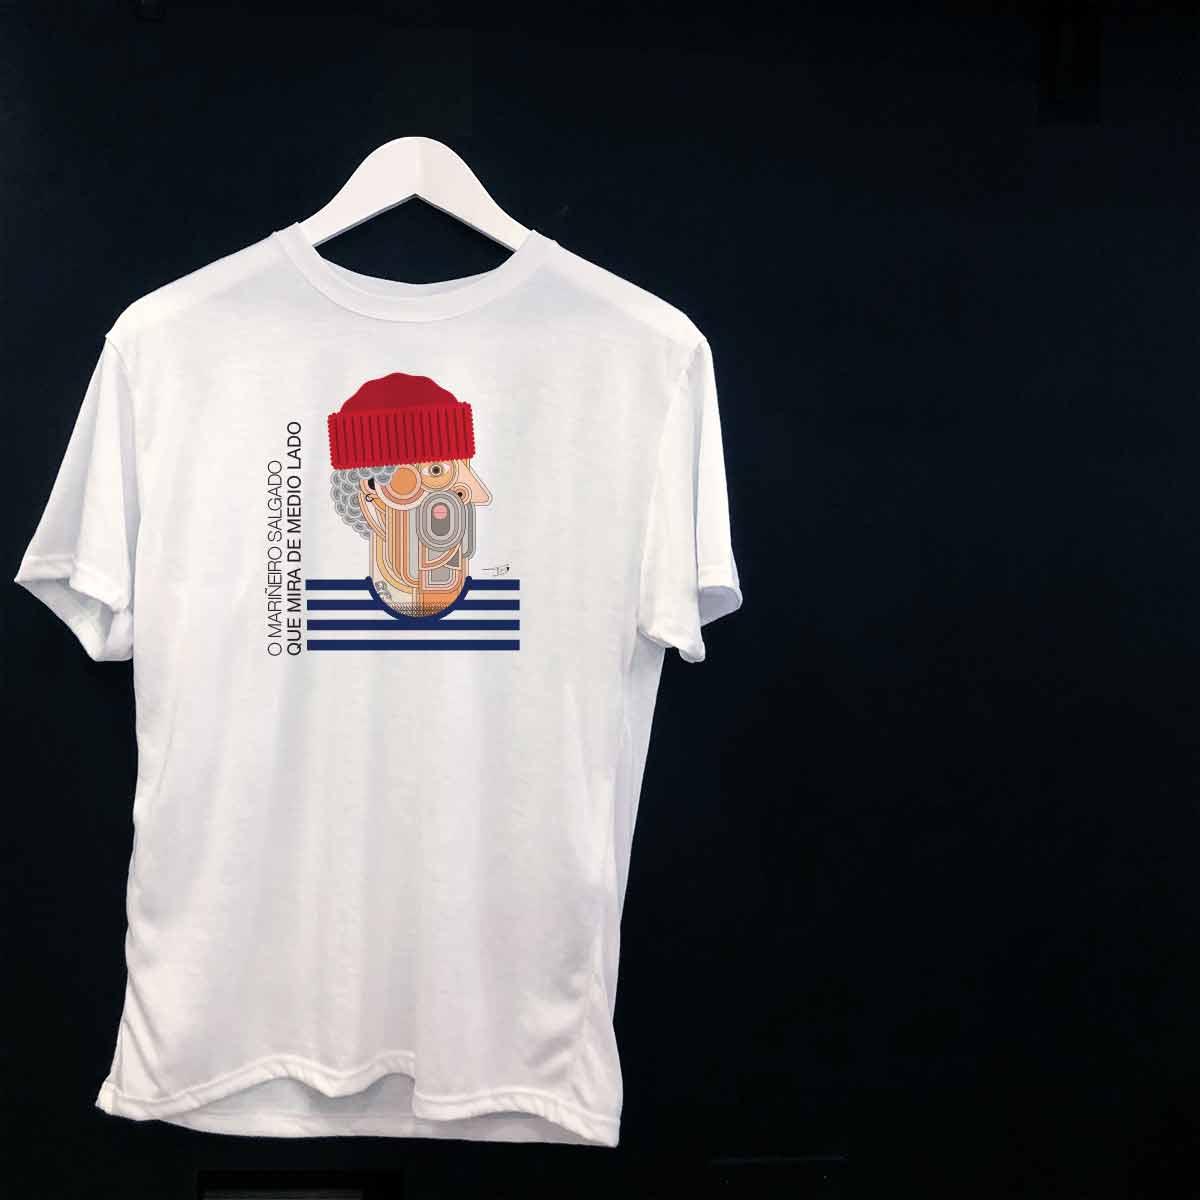 camisetas baiona tienda souvenirs camisetas regalos baiona tienda souvenirs creativos singulares diseños propios de Tirso Sanchez Otaegui tienda camisetas online bayprints camisetas